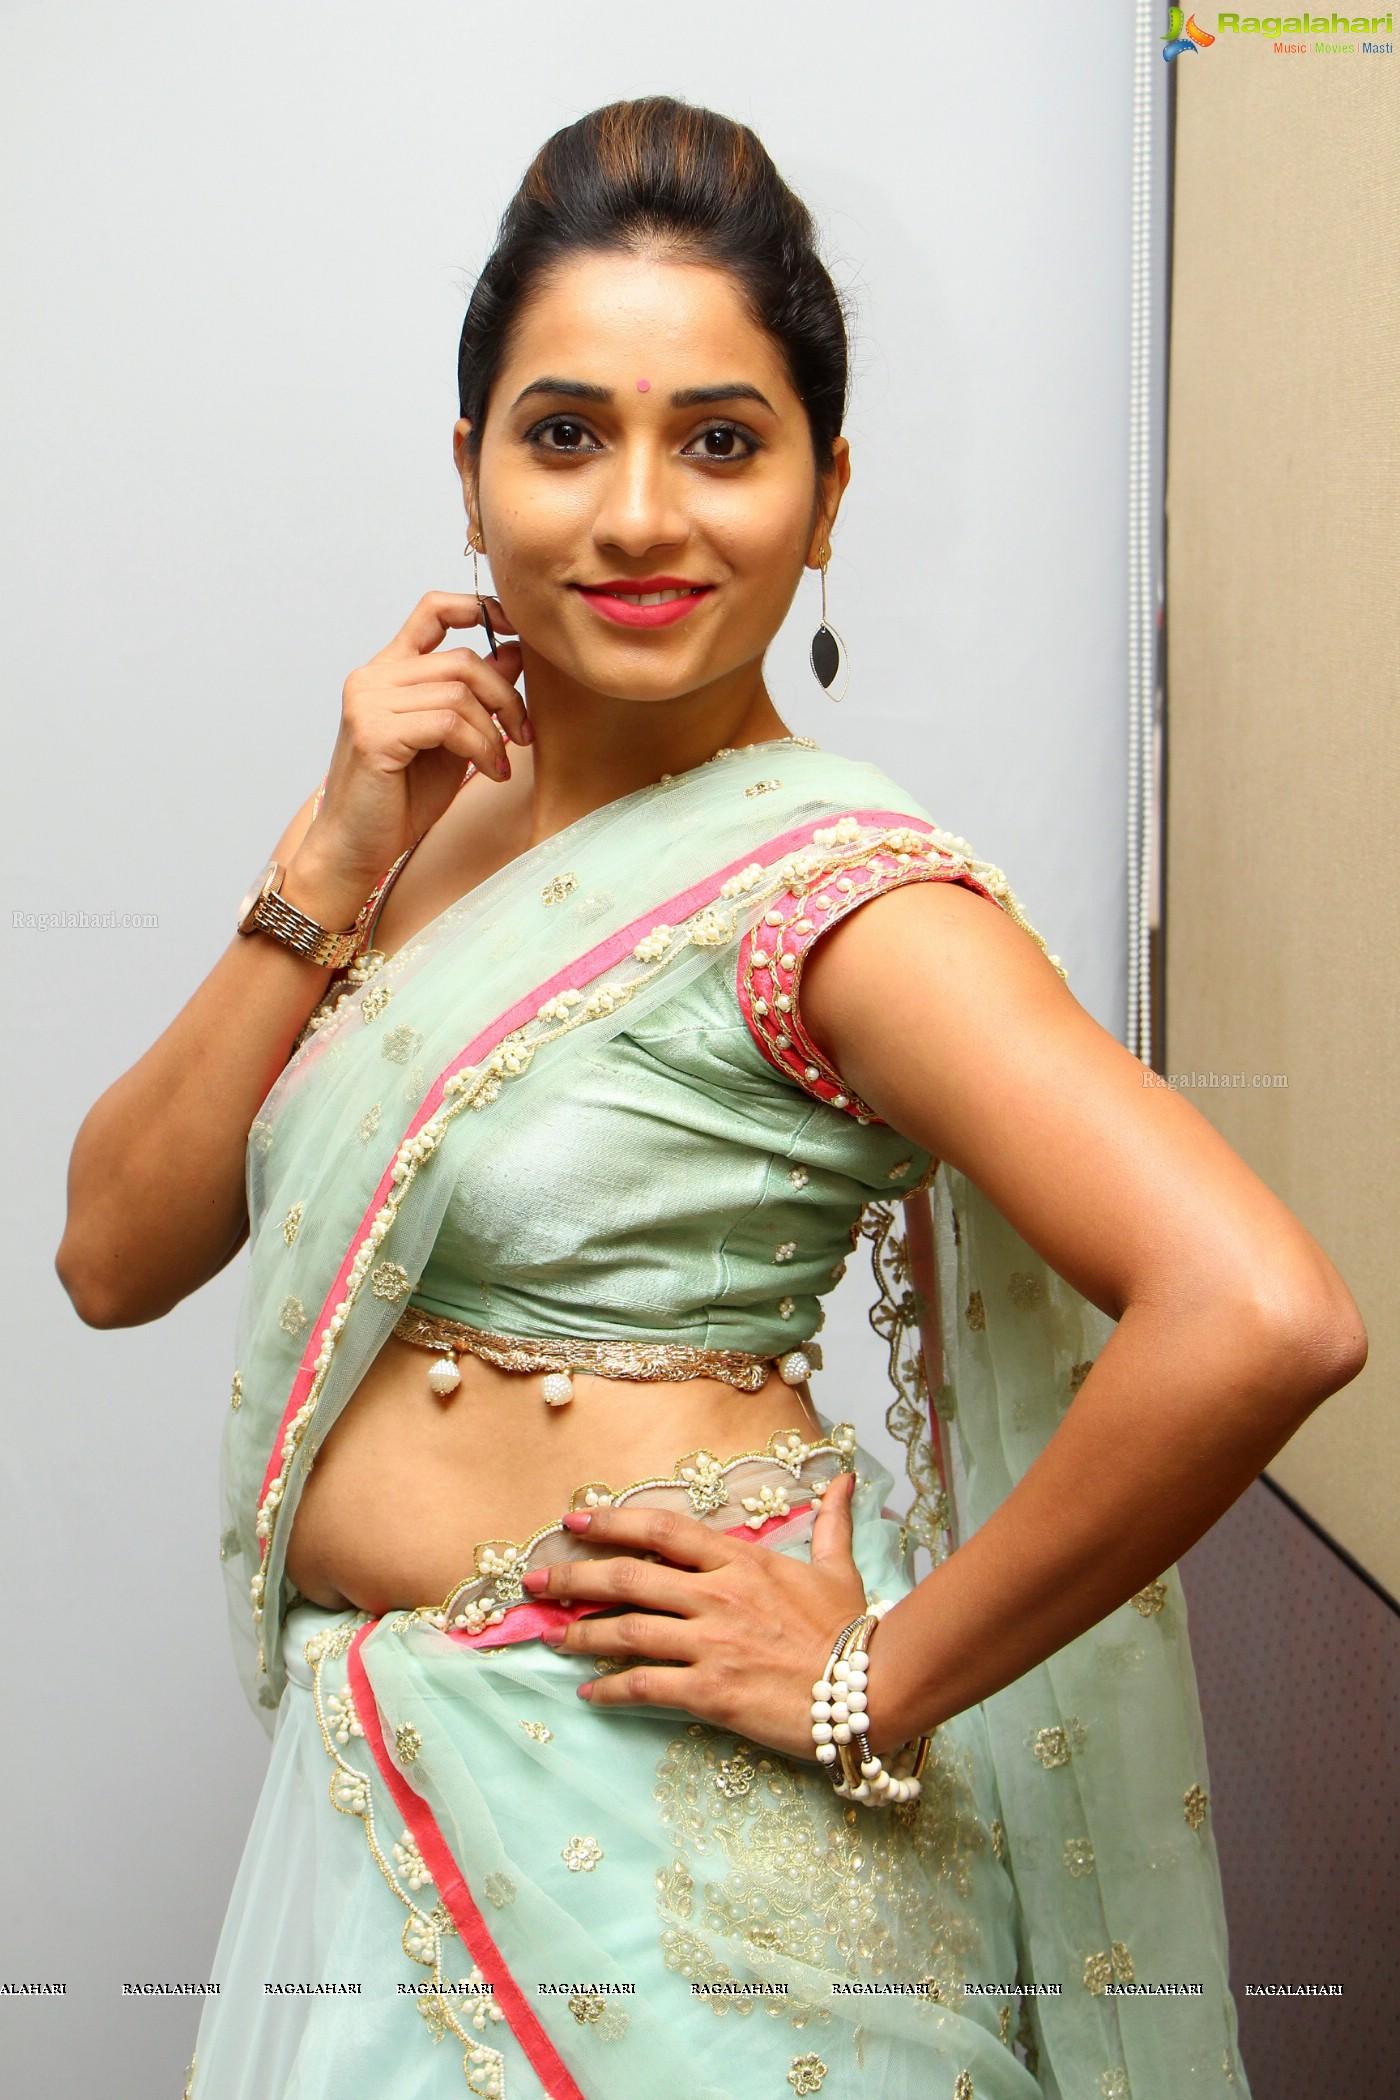 Bhanupriya (Posters) Image 9 | Beautiful Tollywood Actress